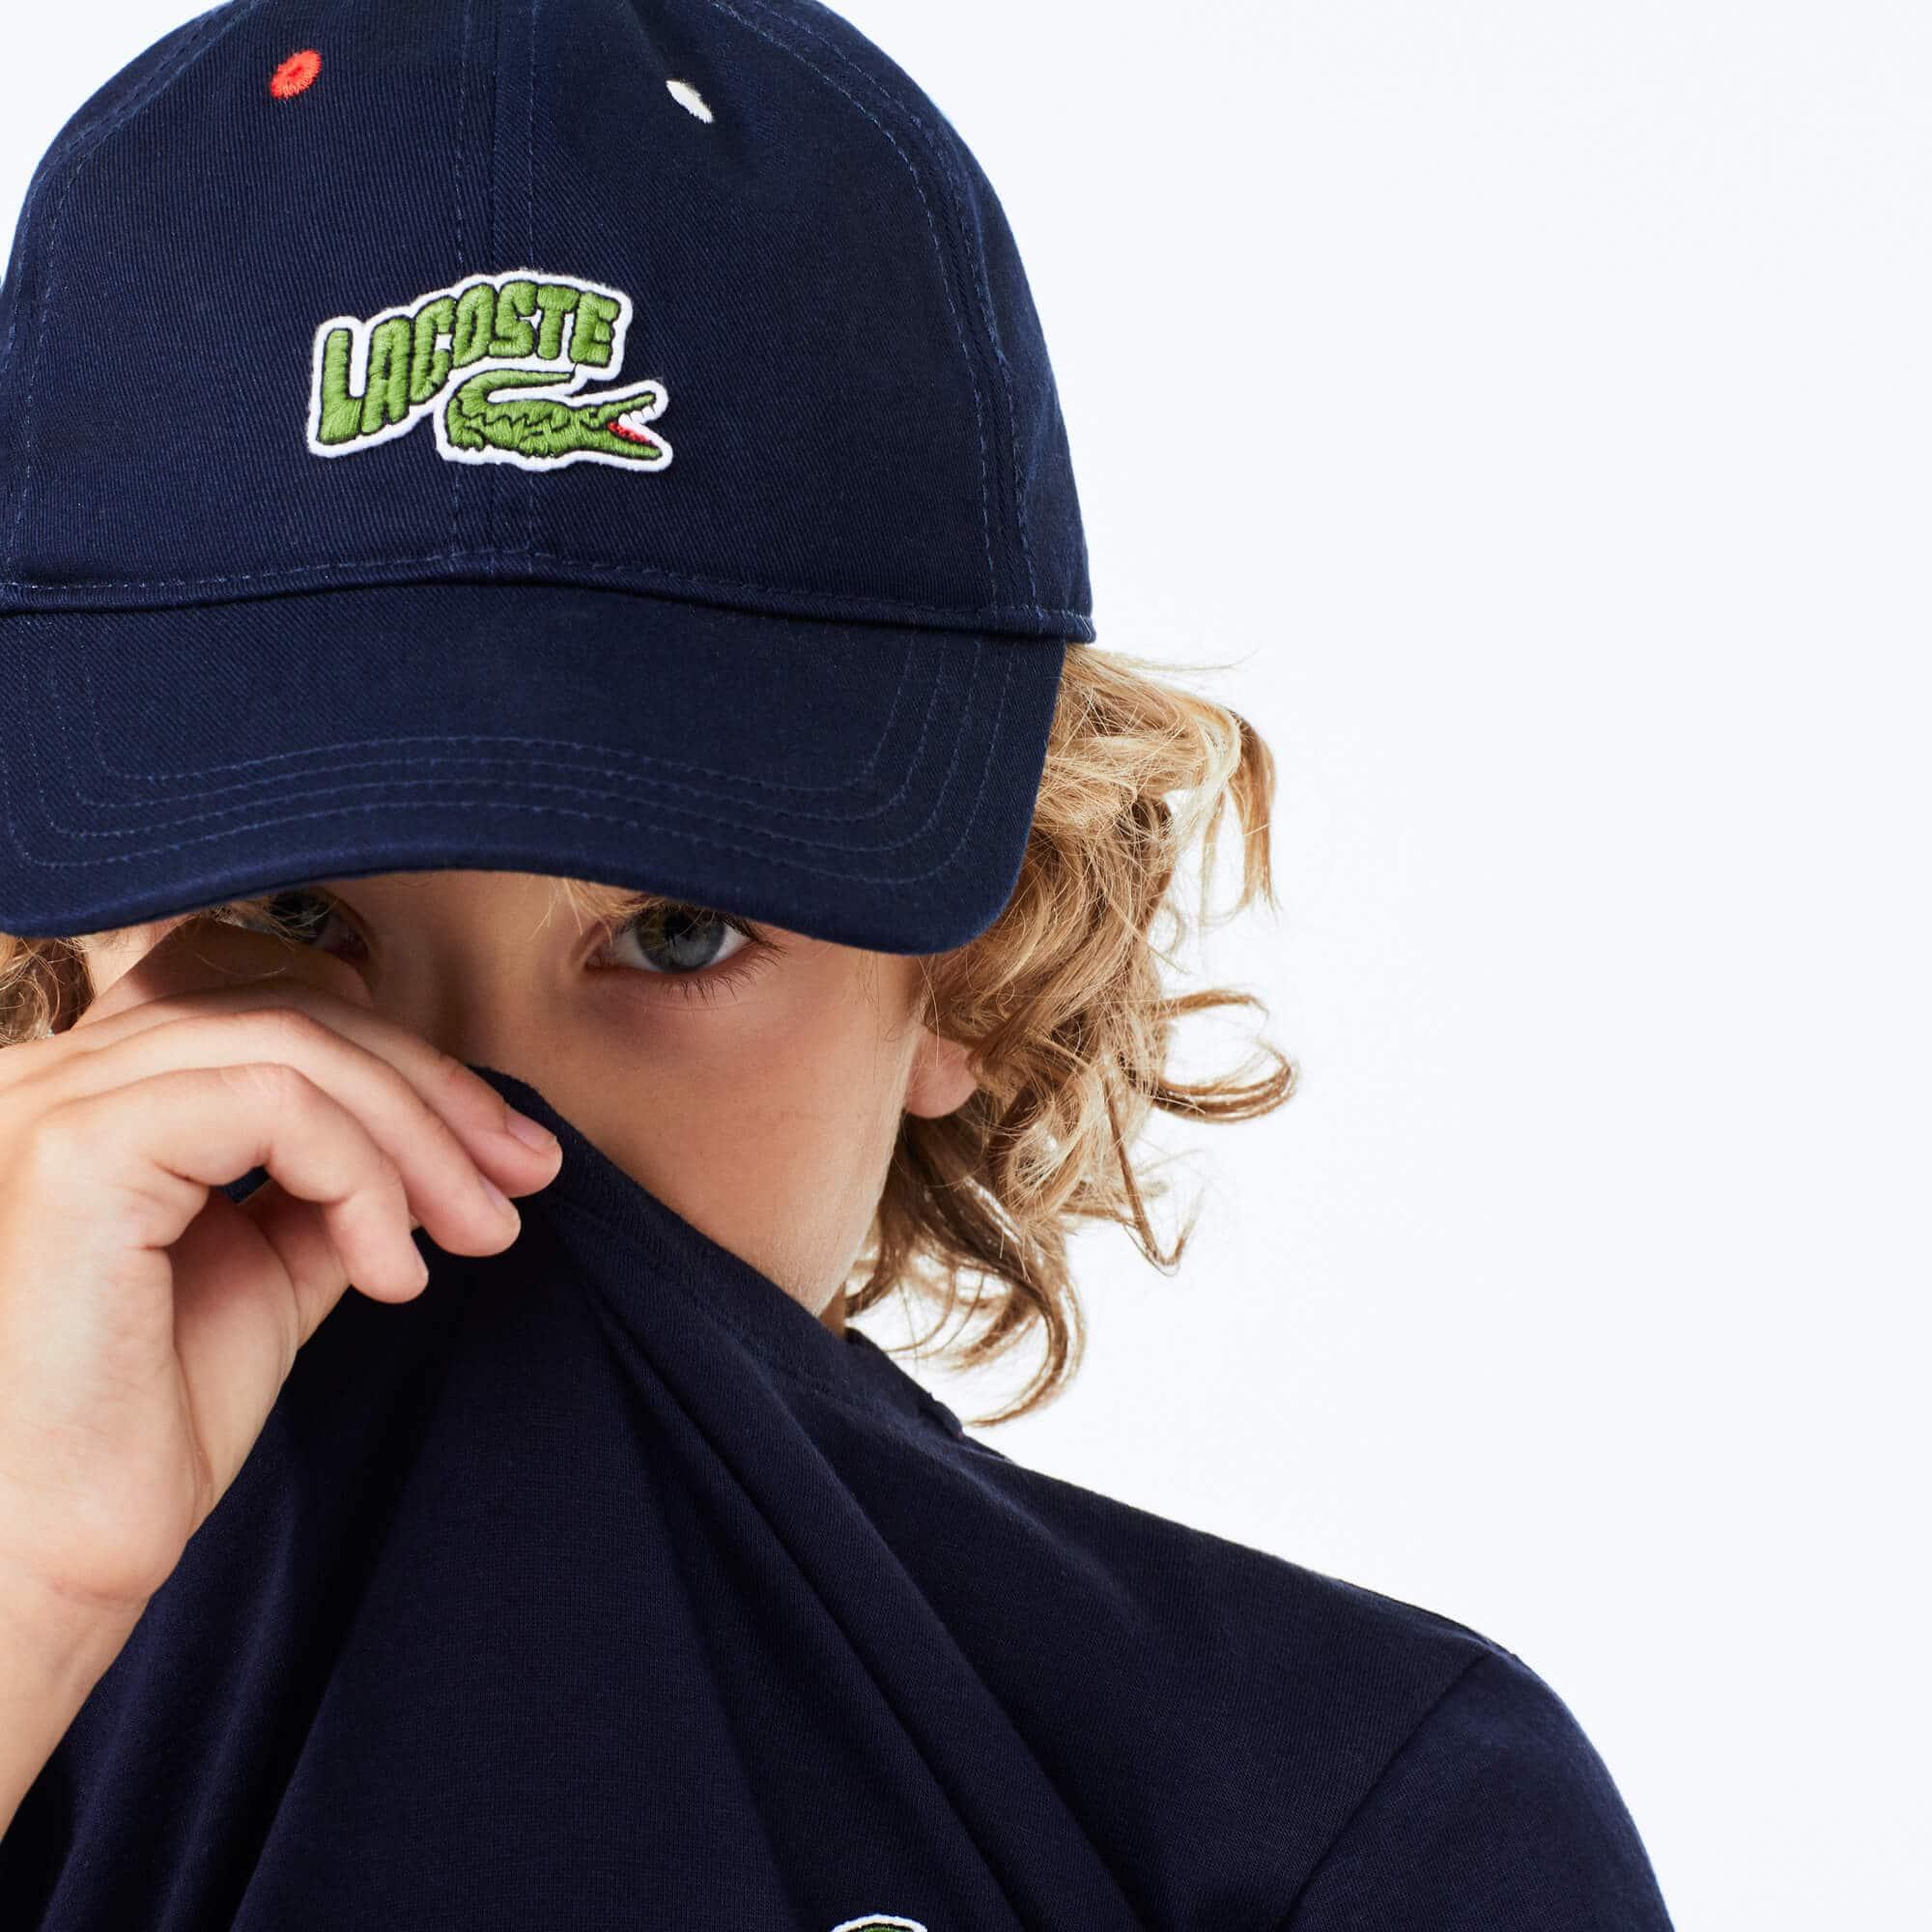 Boys' Croc Wave Badge Cotton Cap